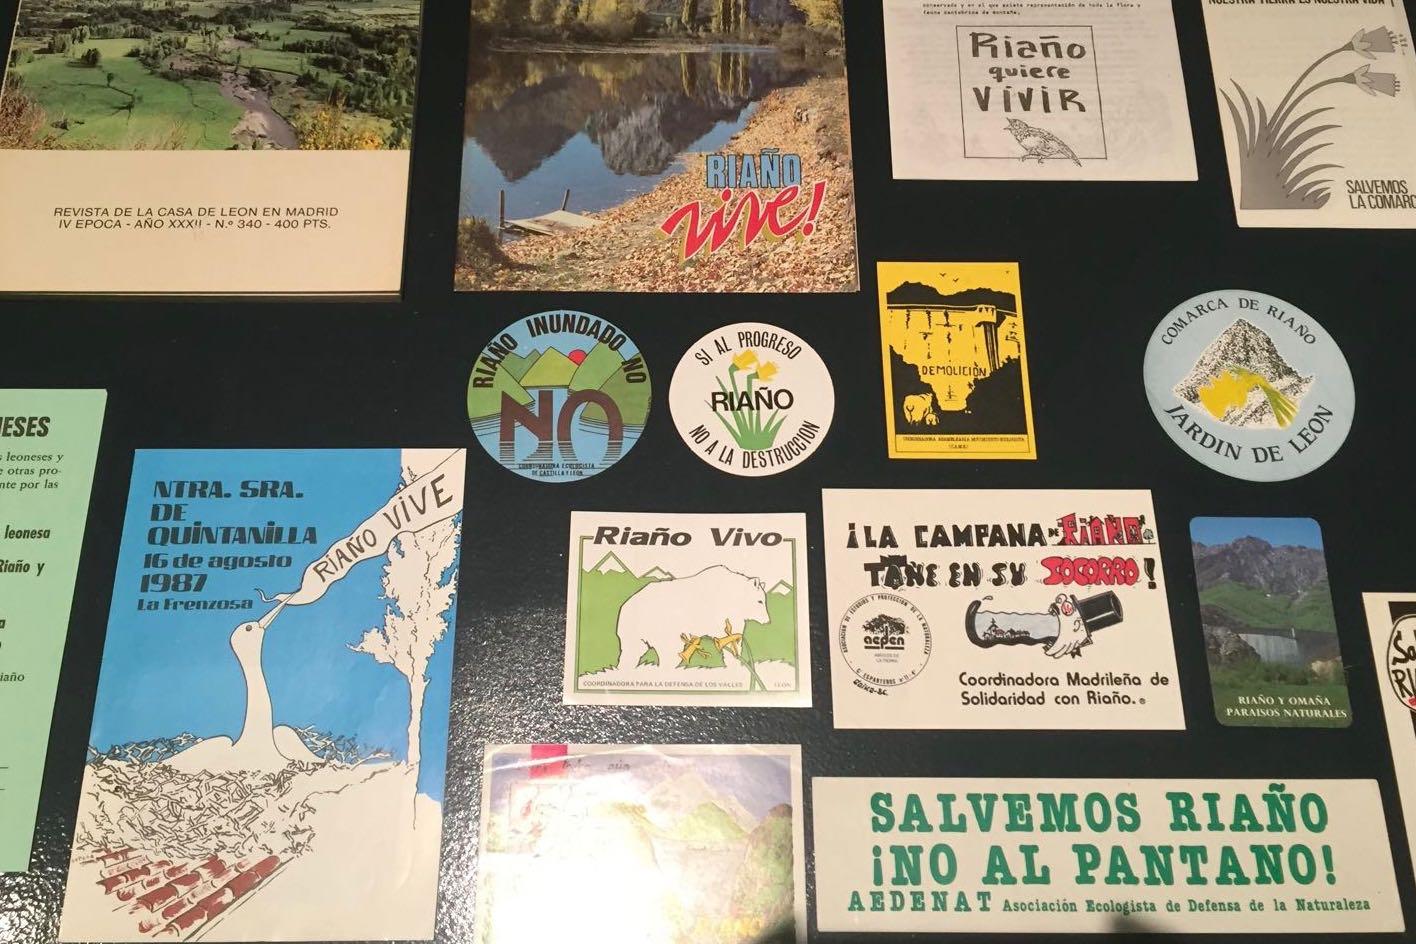 archivo domestico de asociaciones sobre riaño - REGION - Fundacion cerezales - FCAYC